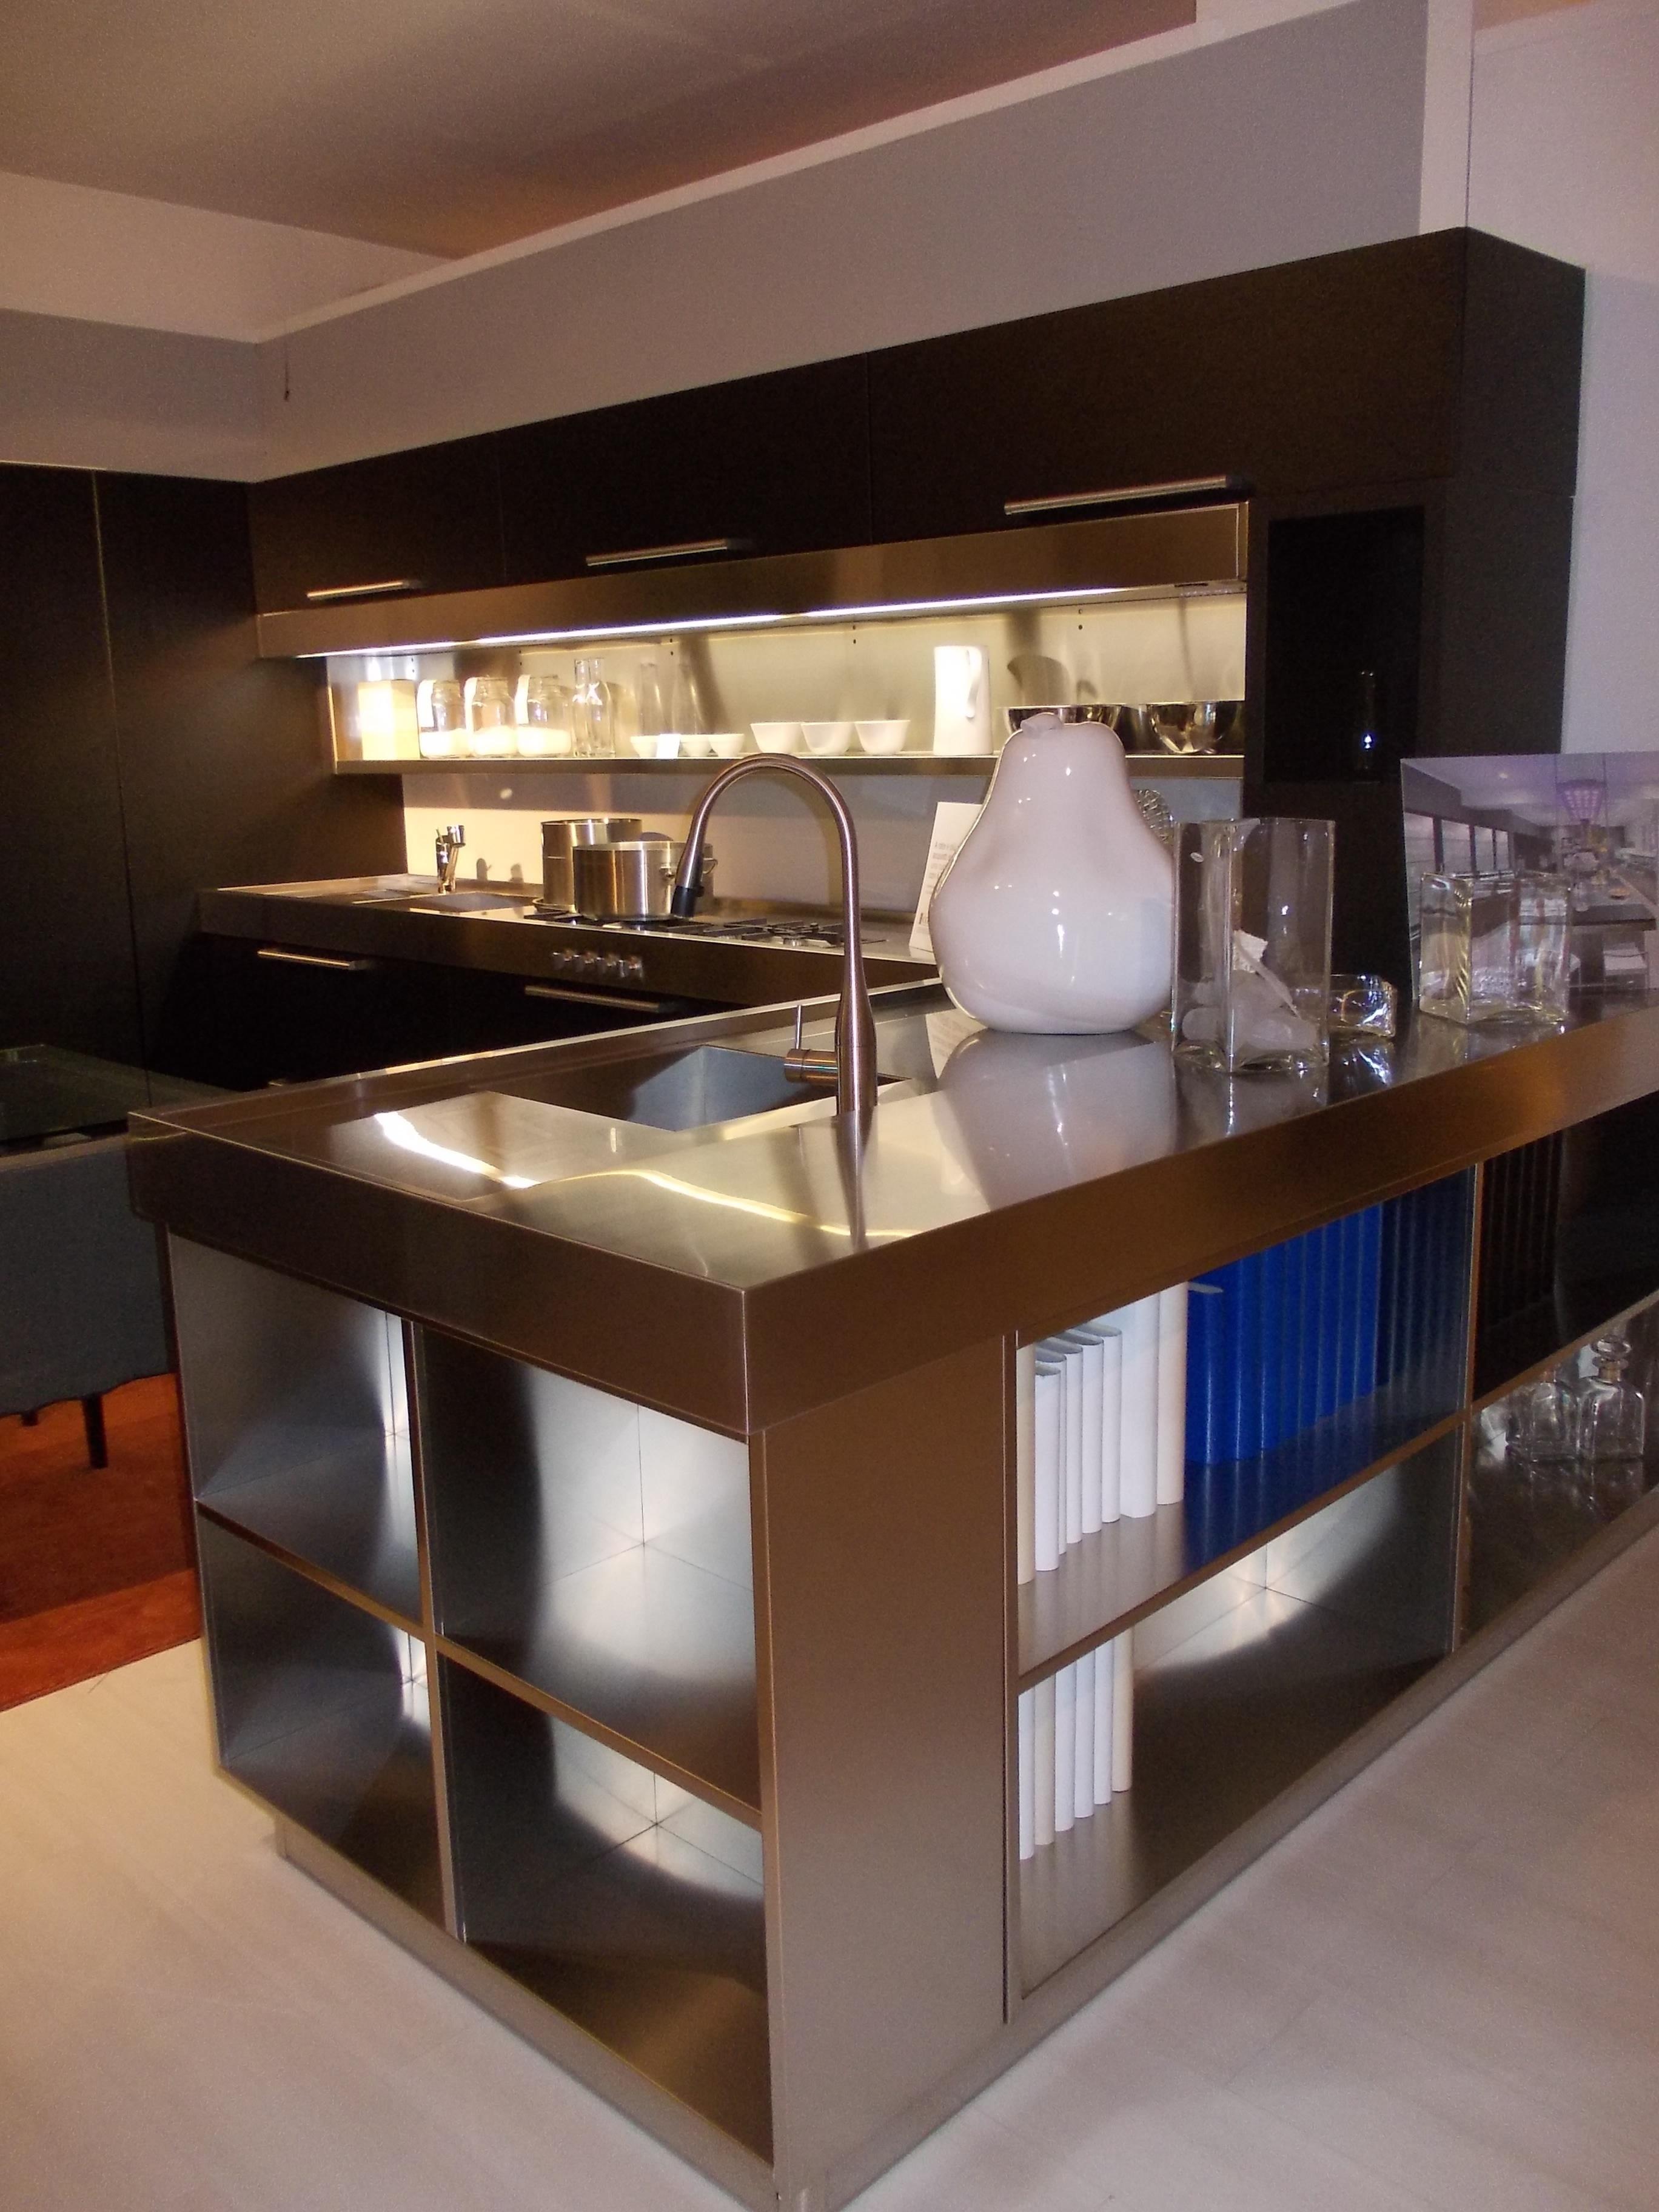 Cucina artusi di arclinea cucine a prezzi scontati - Cucine arclinea prezzi ...